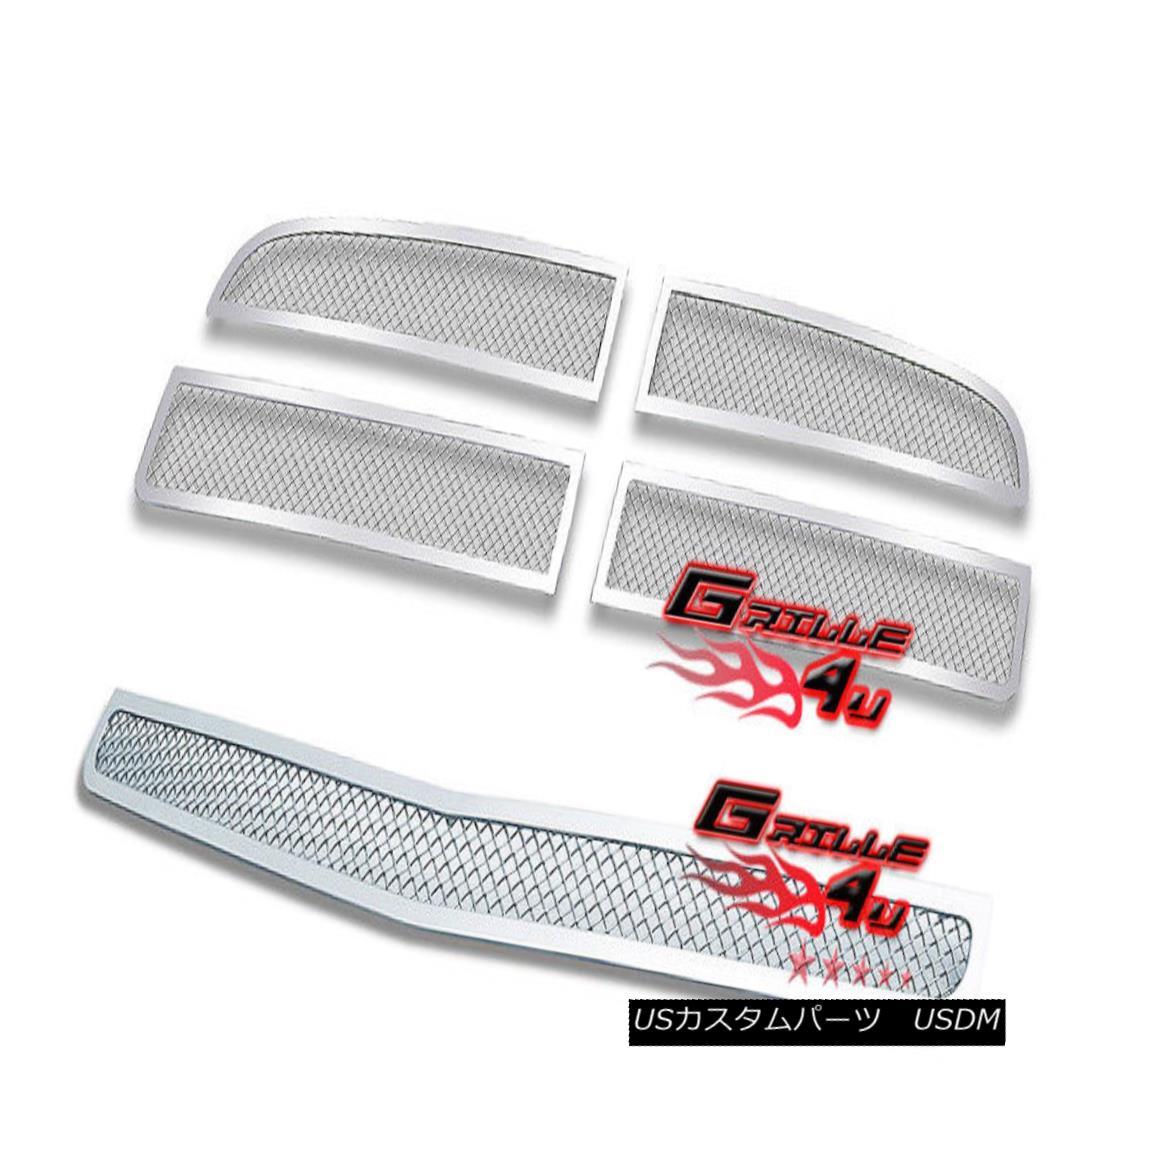 グリル For 05-10 Dodge Charger Stainless Steel Mesh Premium Grille Combo 05-10ダッジチャージャー用ステンレスメッシュプレミアムグリルコンボ